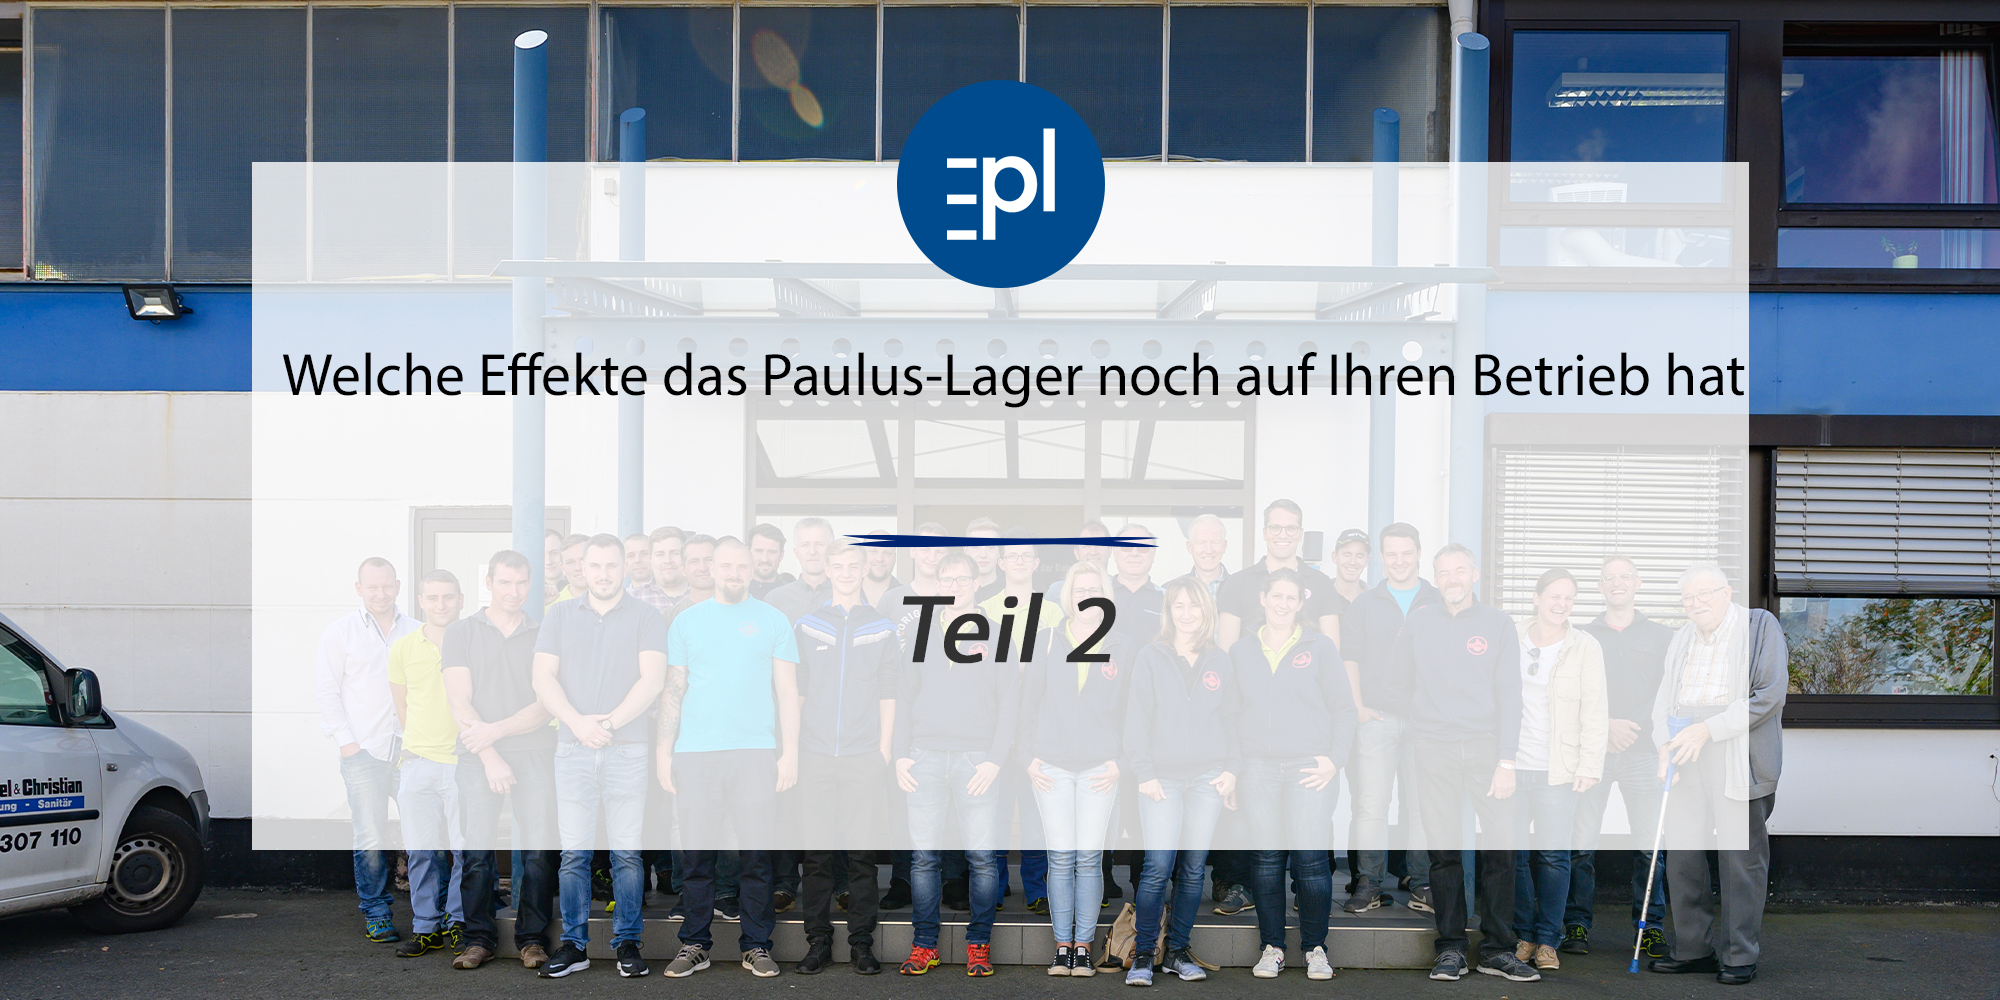 Blog Effekte Paulus-Lager Teil 2